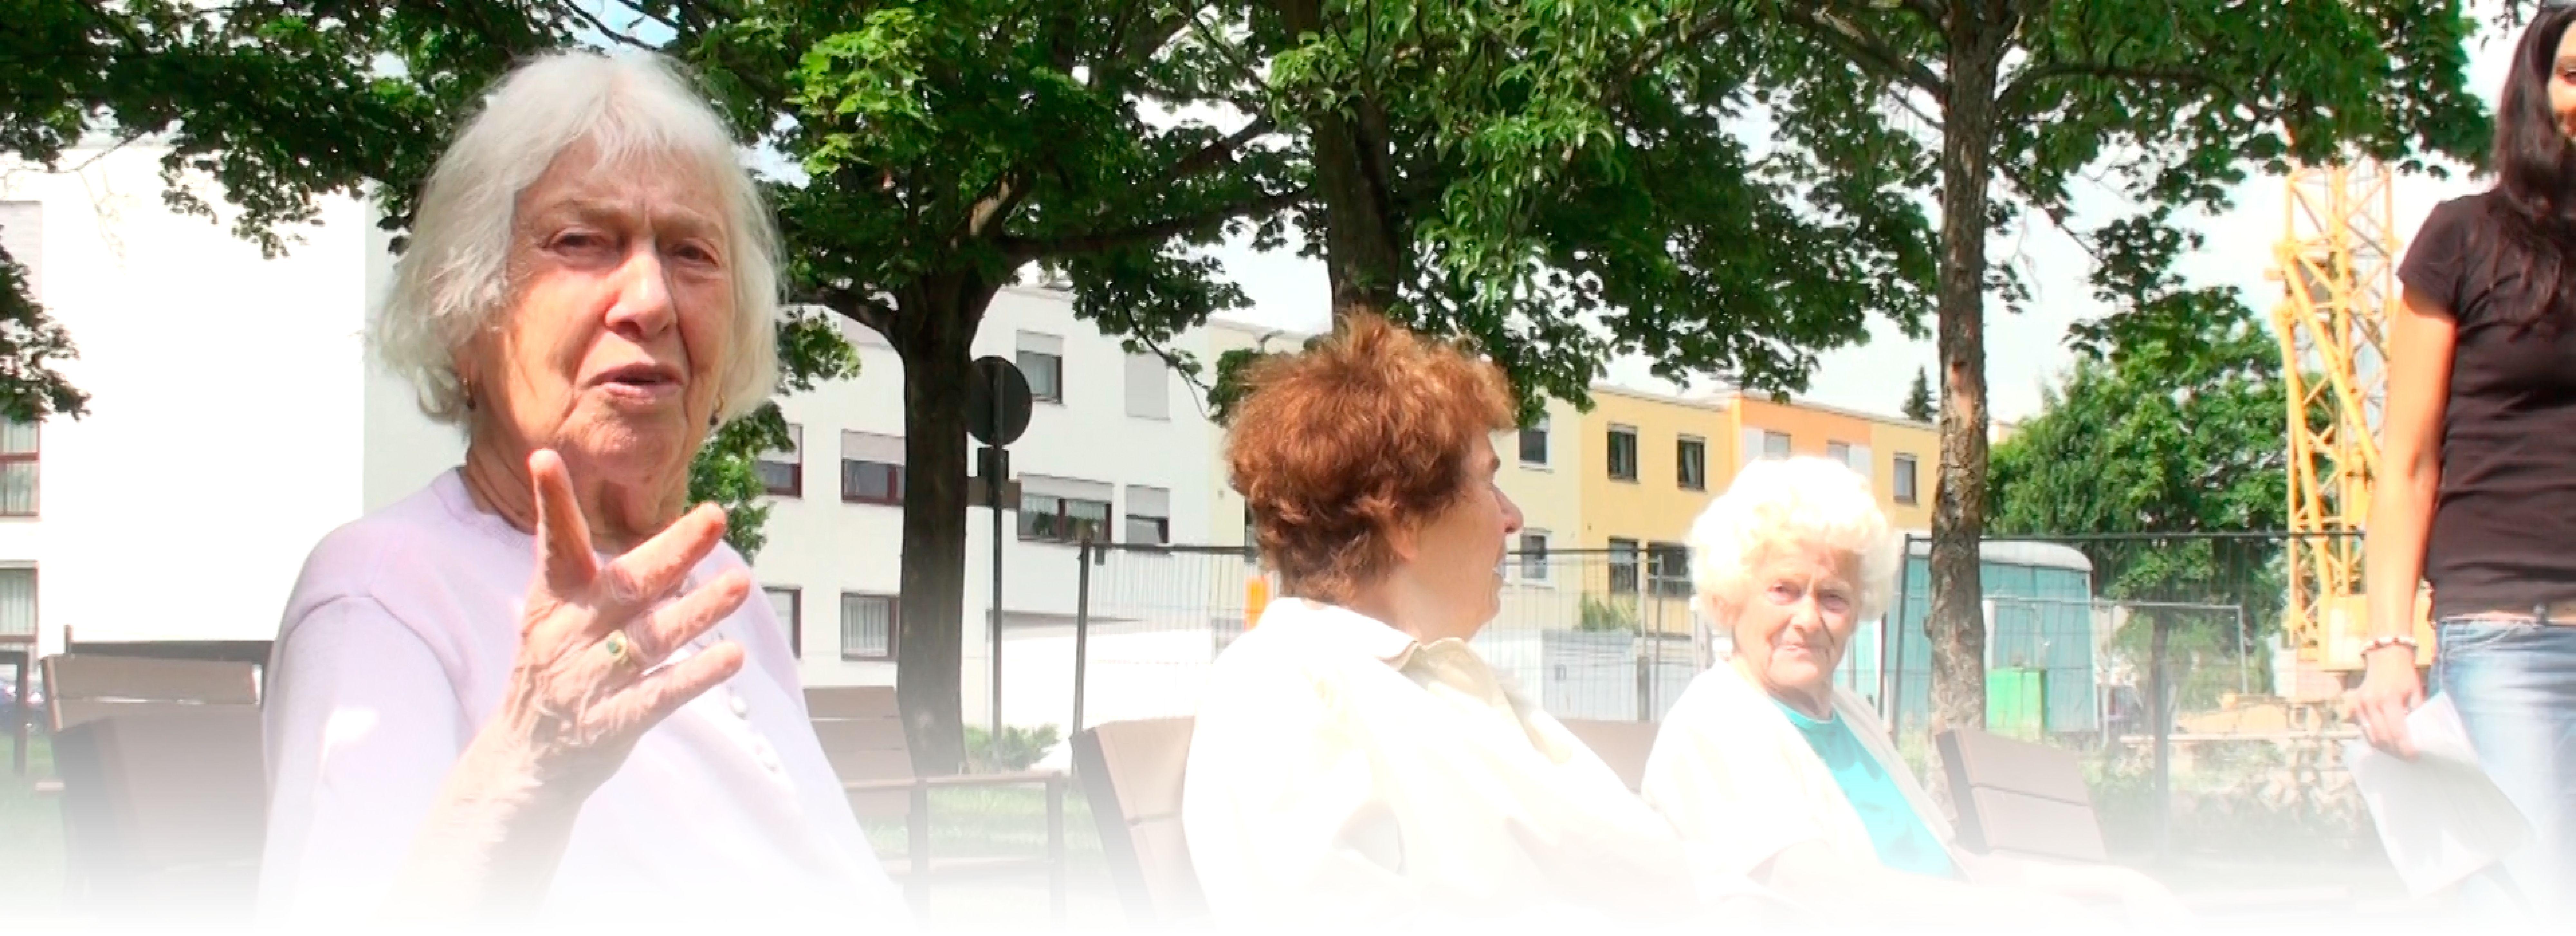 Sie haben Projektideen für soziales Engagement im Senioren-Bereich. Kontaktieren Sie uns!